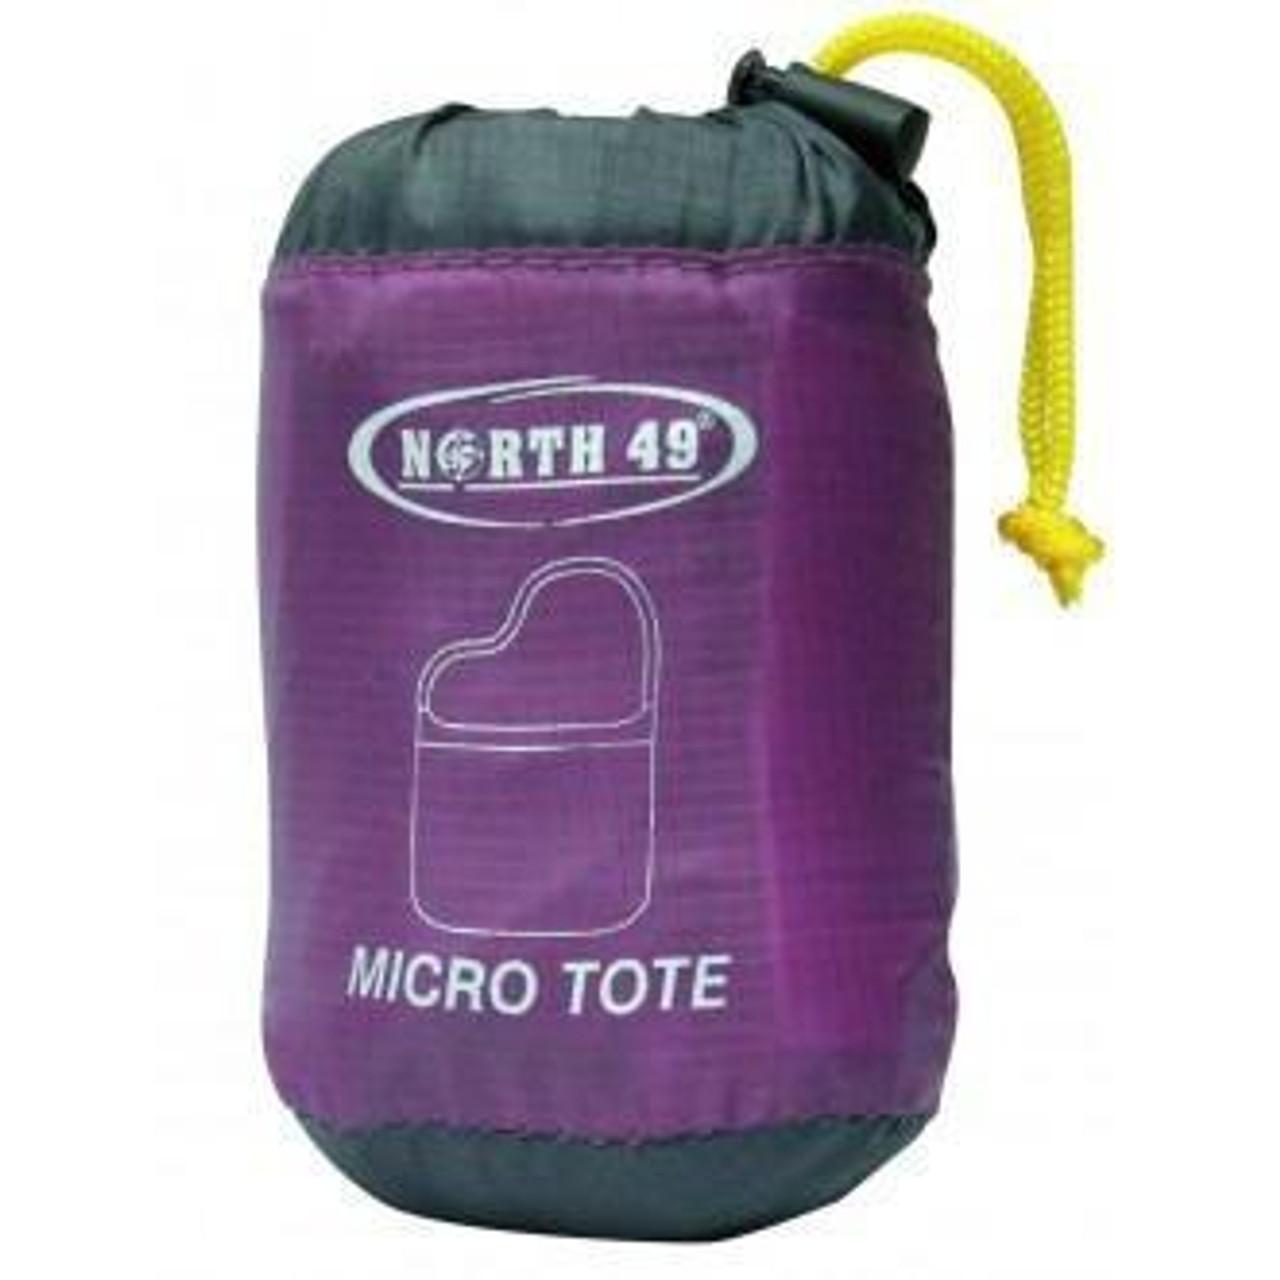 North 49 Micro Tote